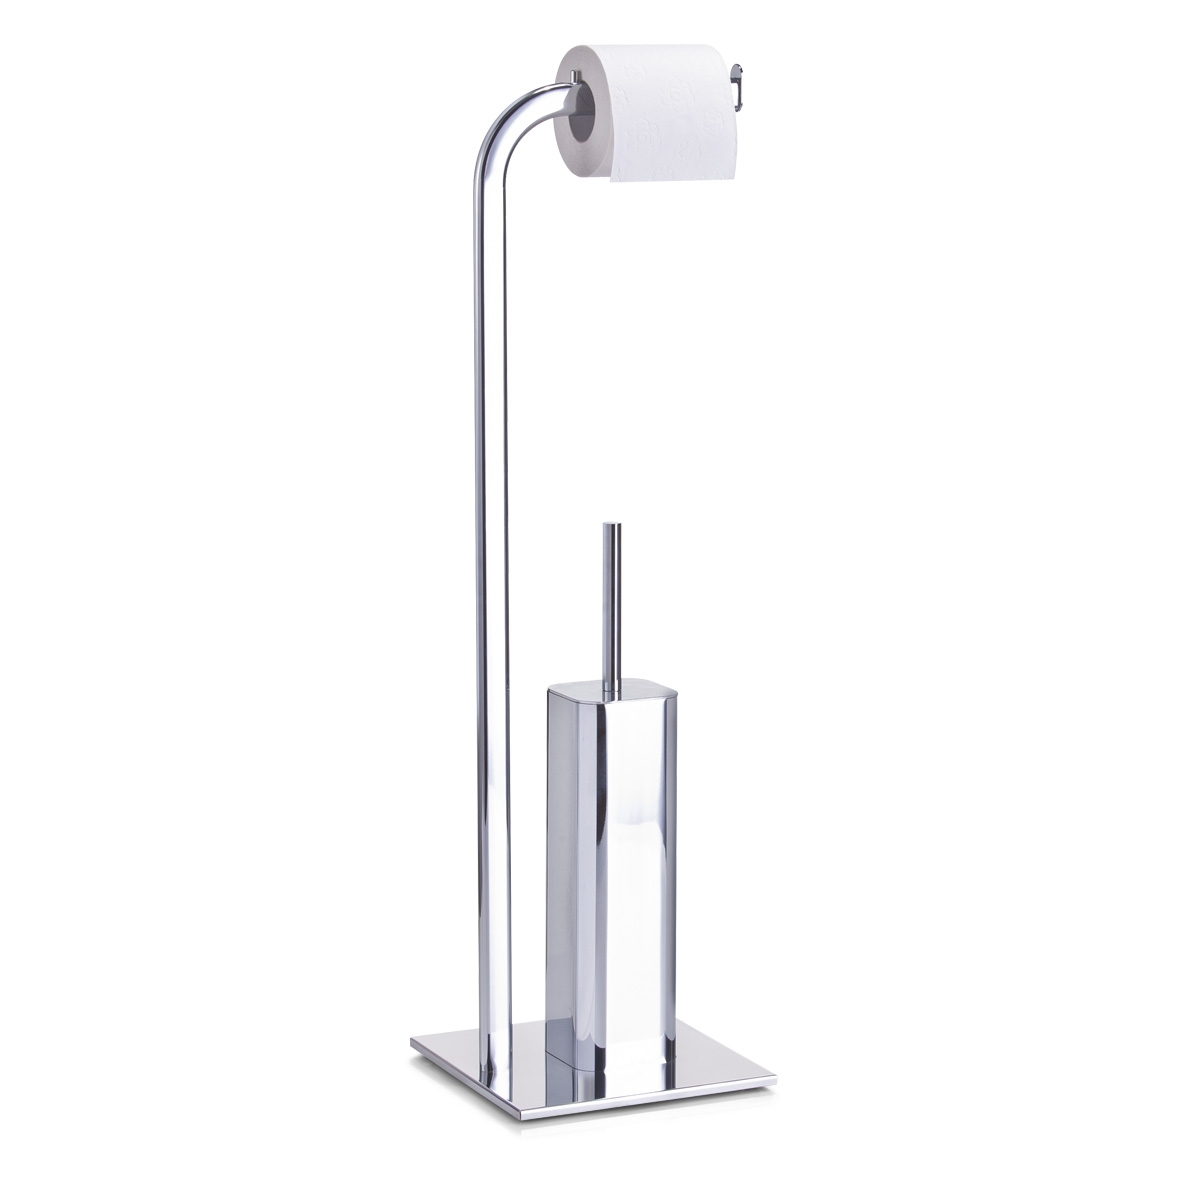 Suport pentru hartie igienica si perie de toaleta, Steel Metal cromat, l20xA20xH72 cm din categoria Baie